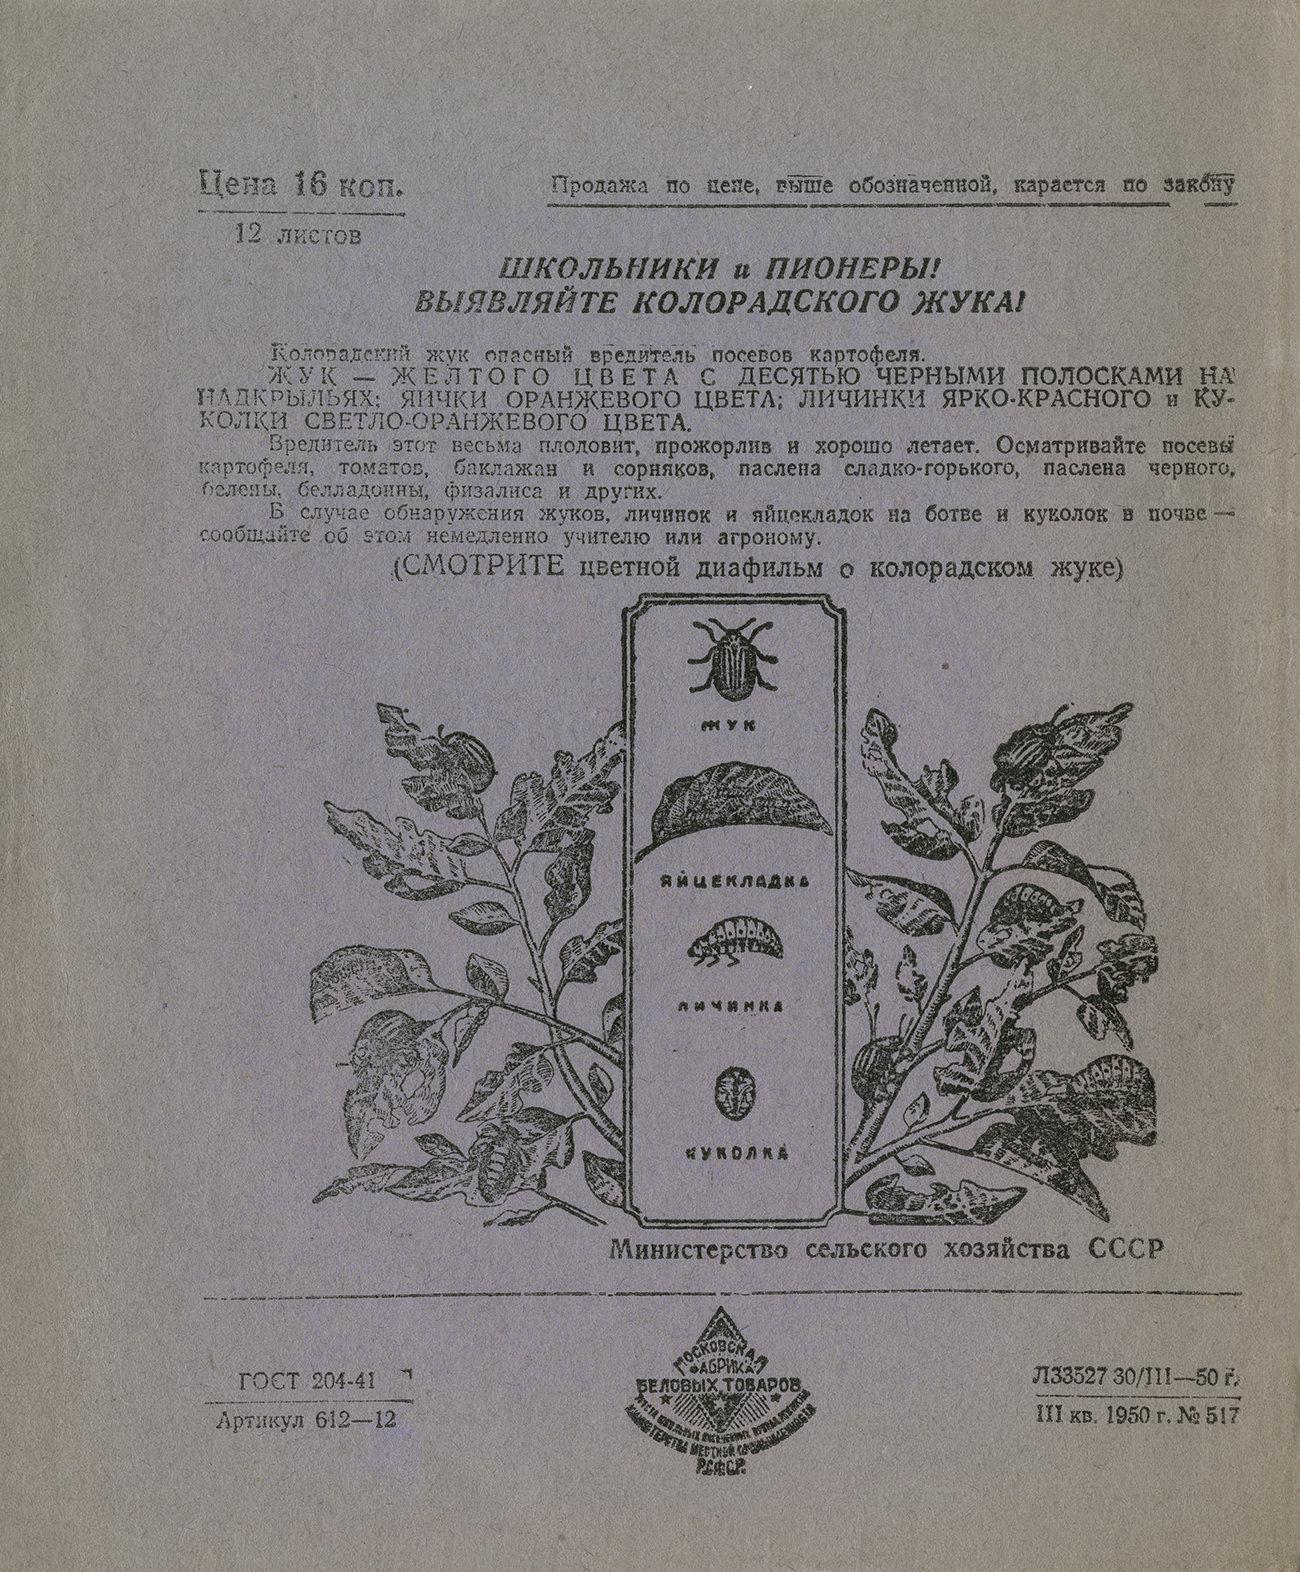 Тетрадь колорадский жук. 1950, 170х205, оборот